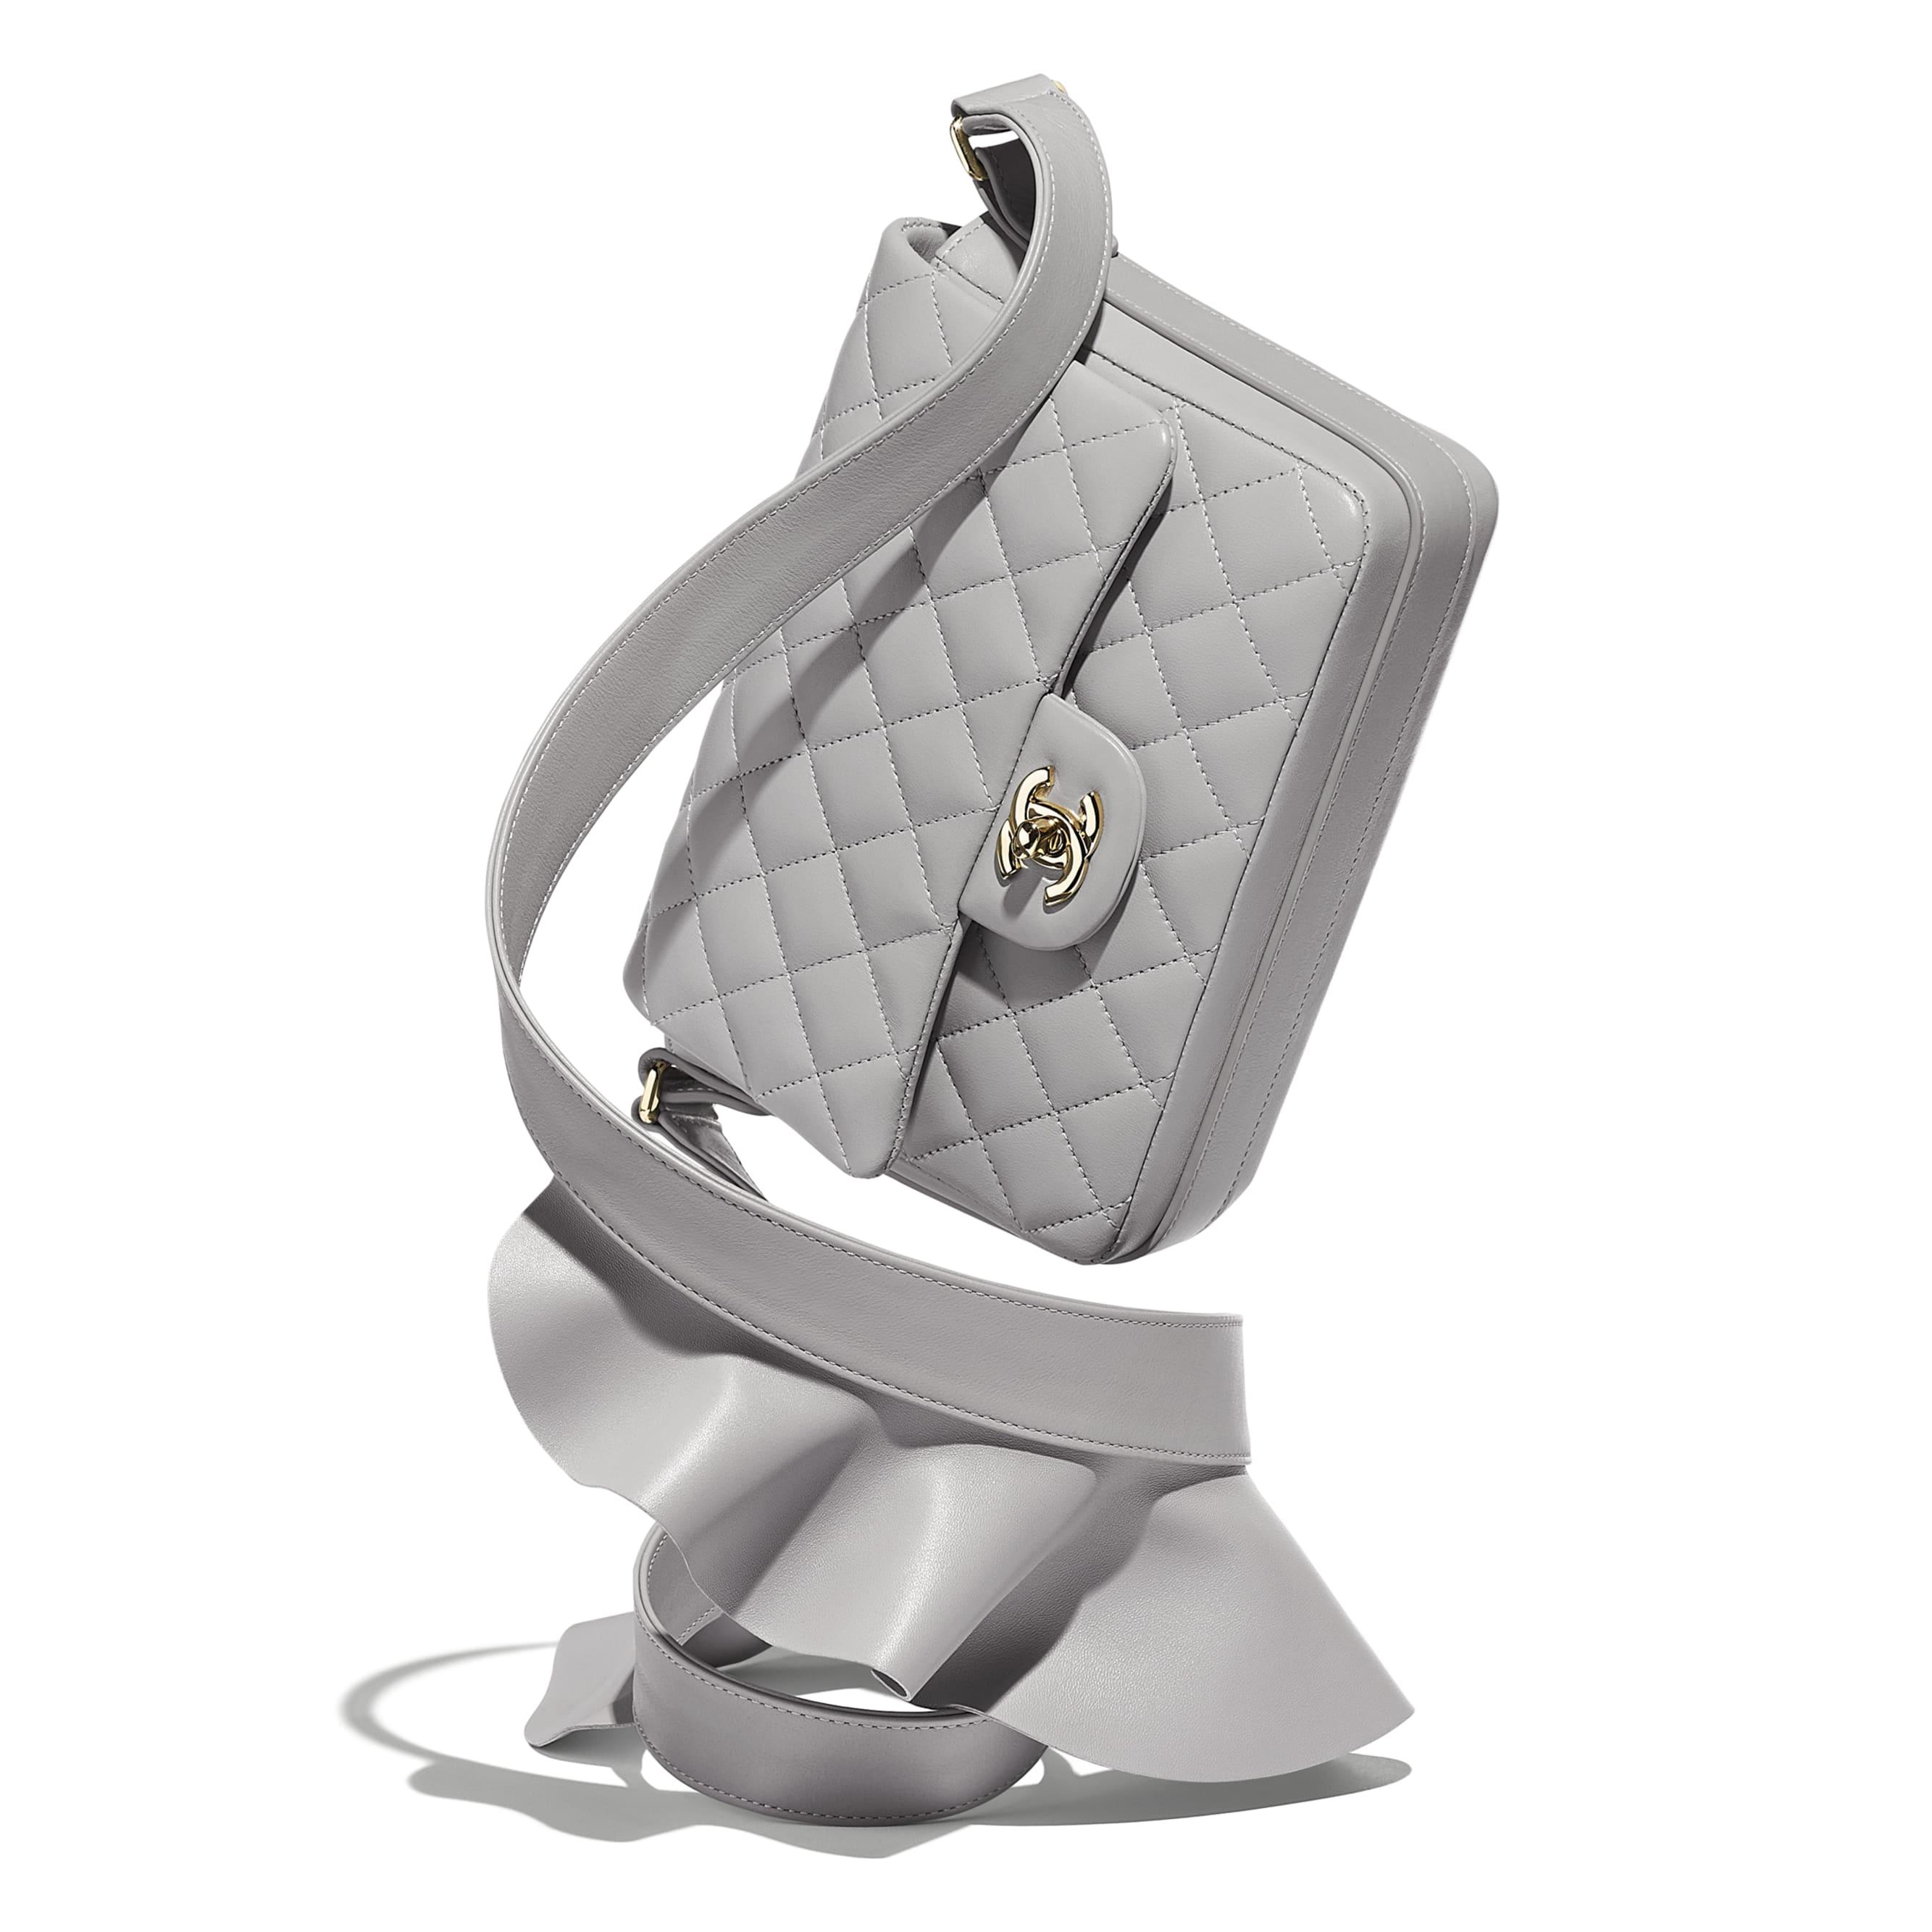 Сумка-конверт - Светло-серый - Кожа ягненка и теленка, золотистый металл - Дополнительное изображение - посмотреть изображение стандартного размера